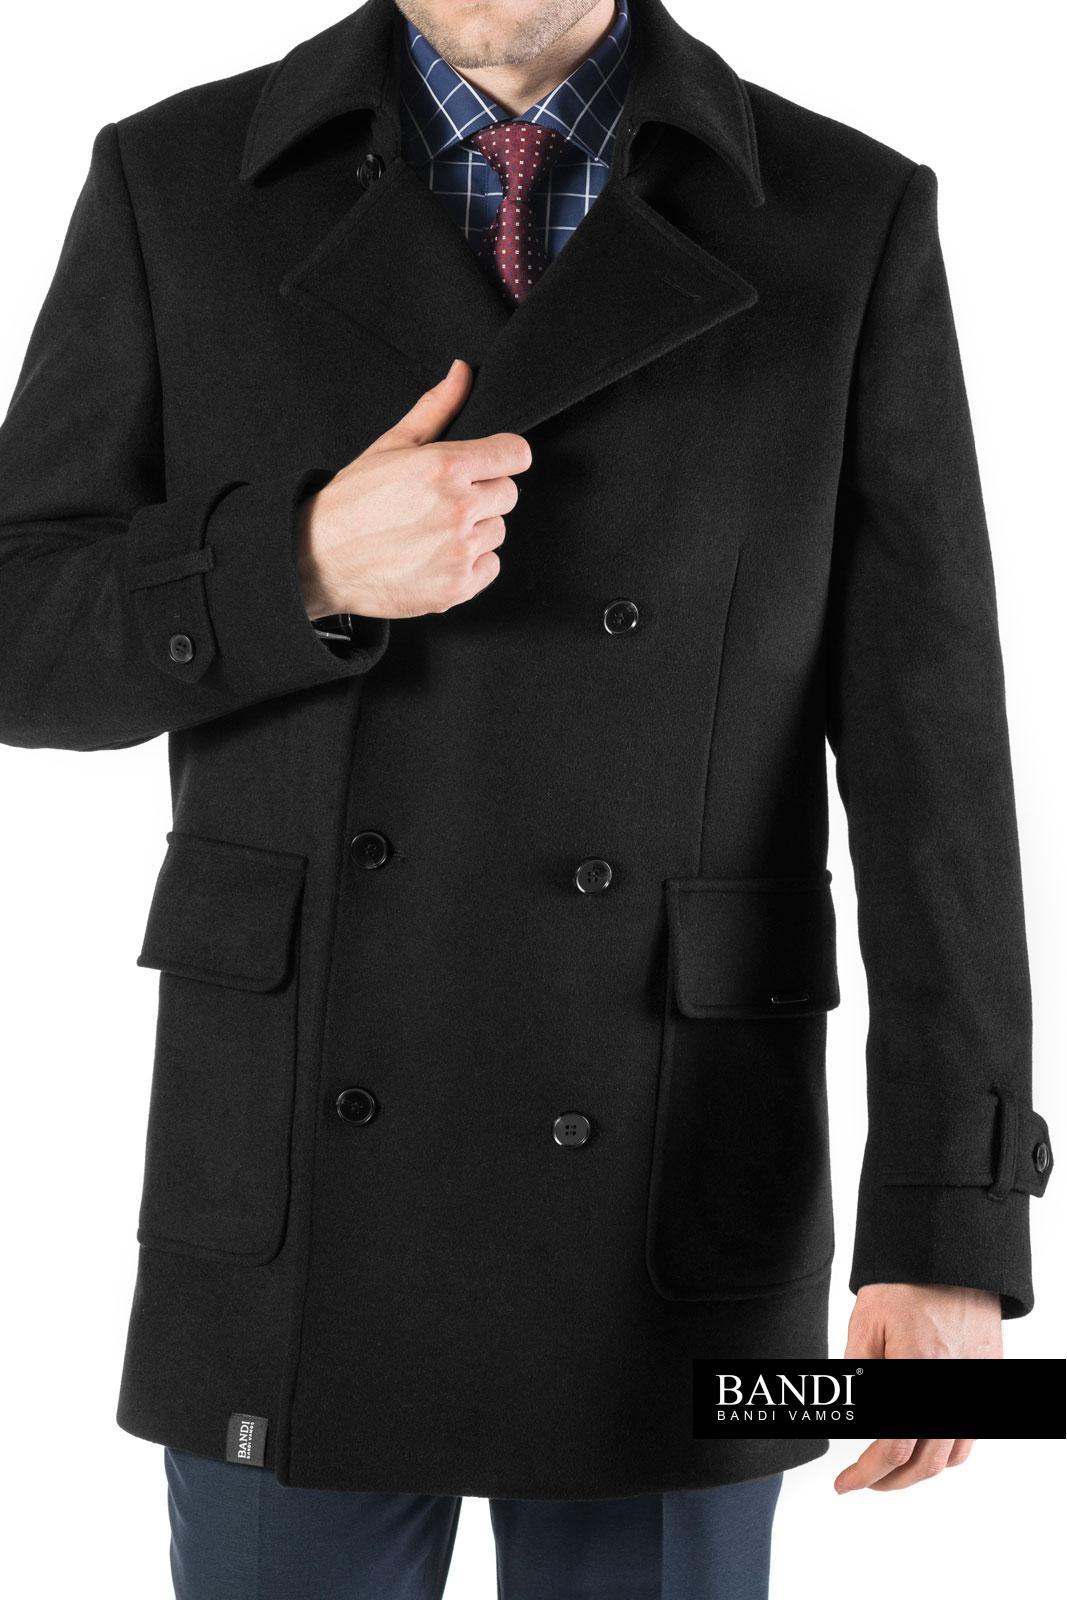 Příklad správného kabátu – 1